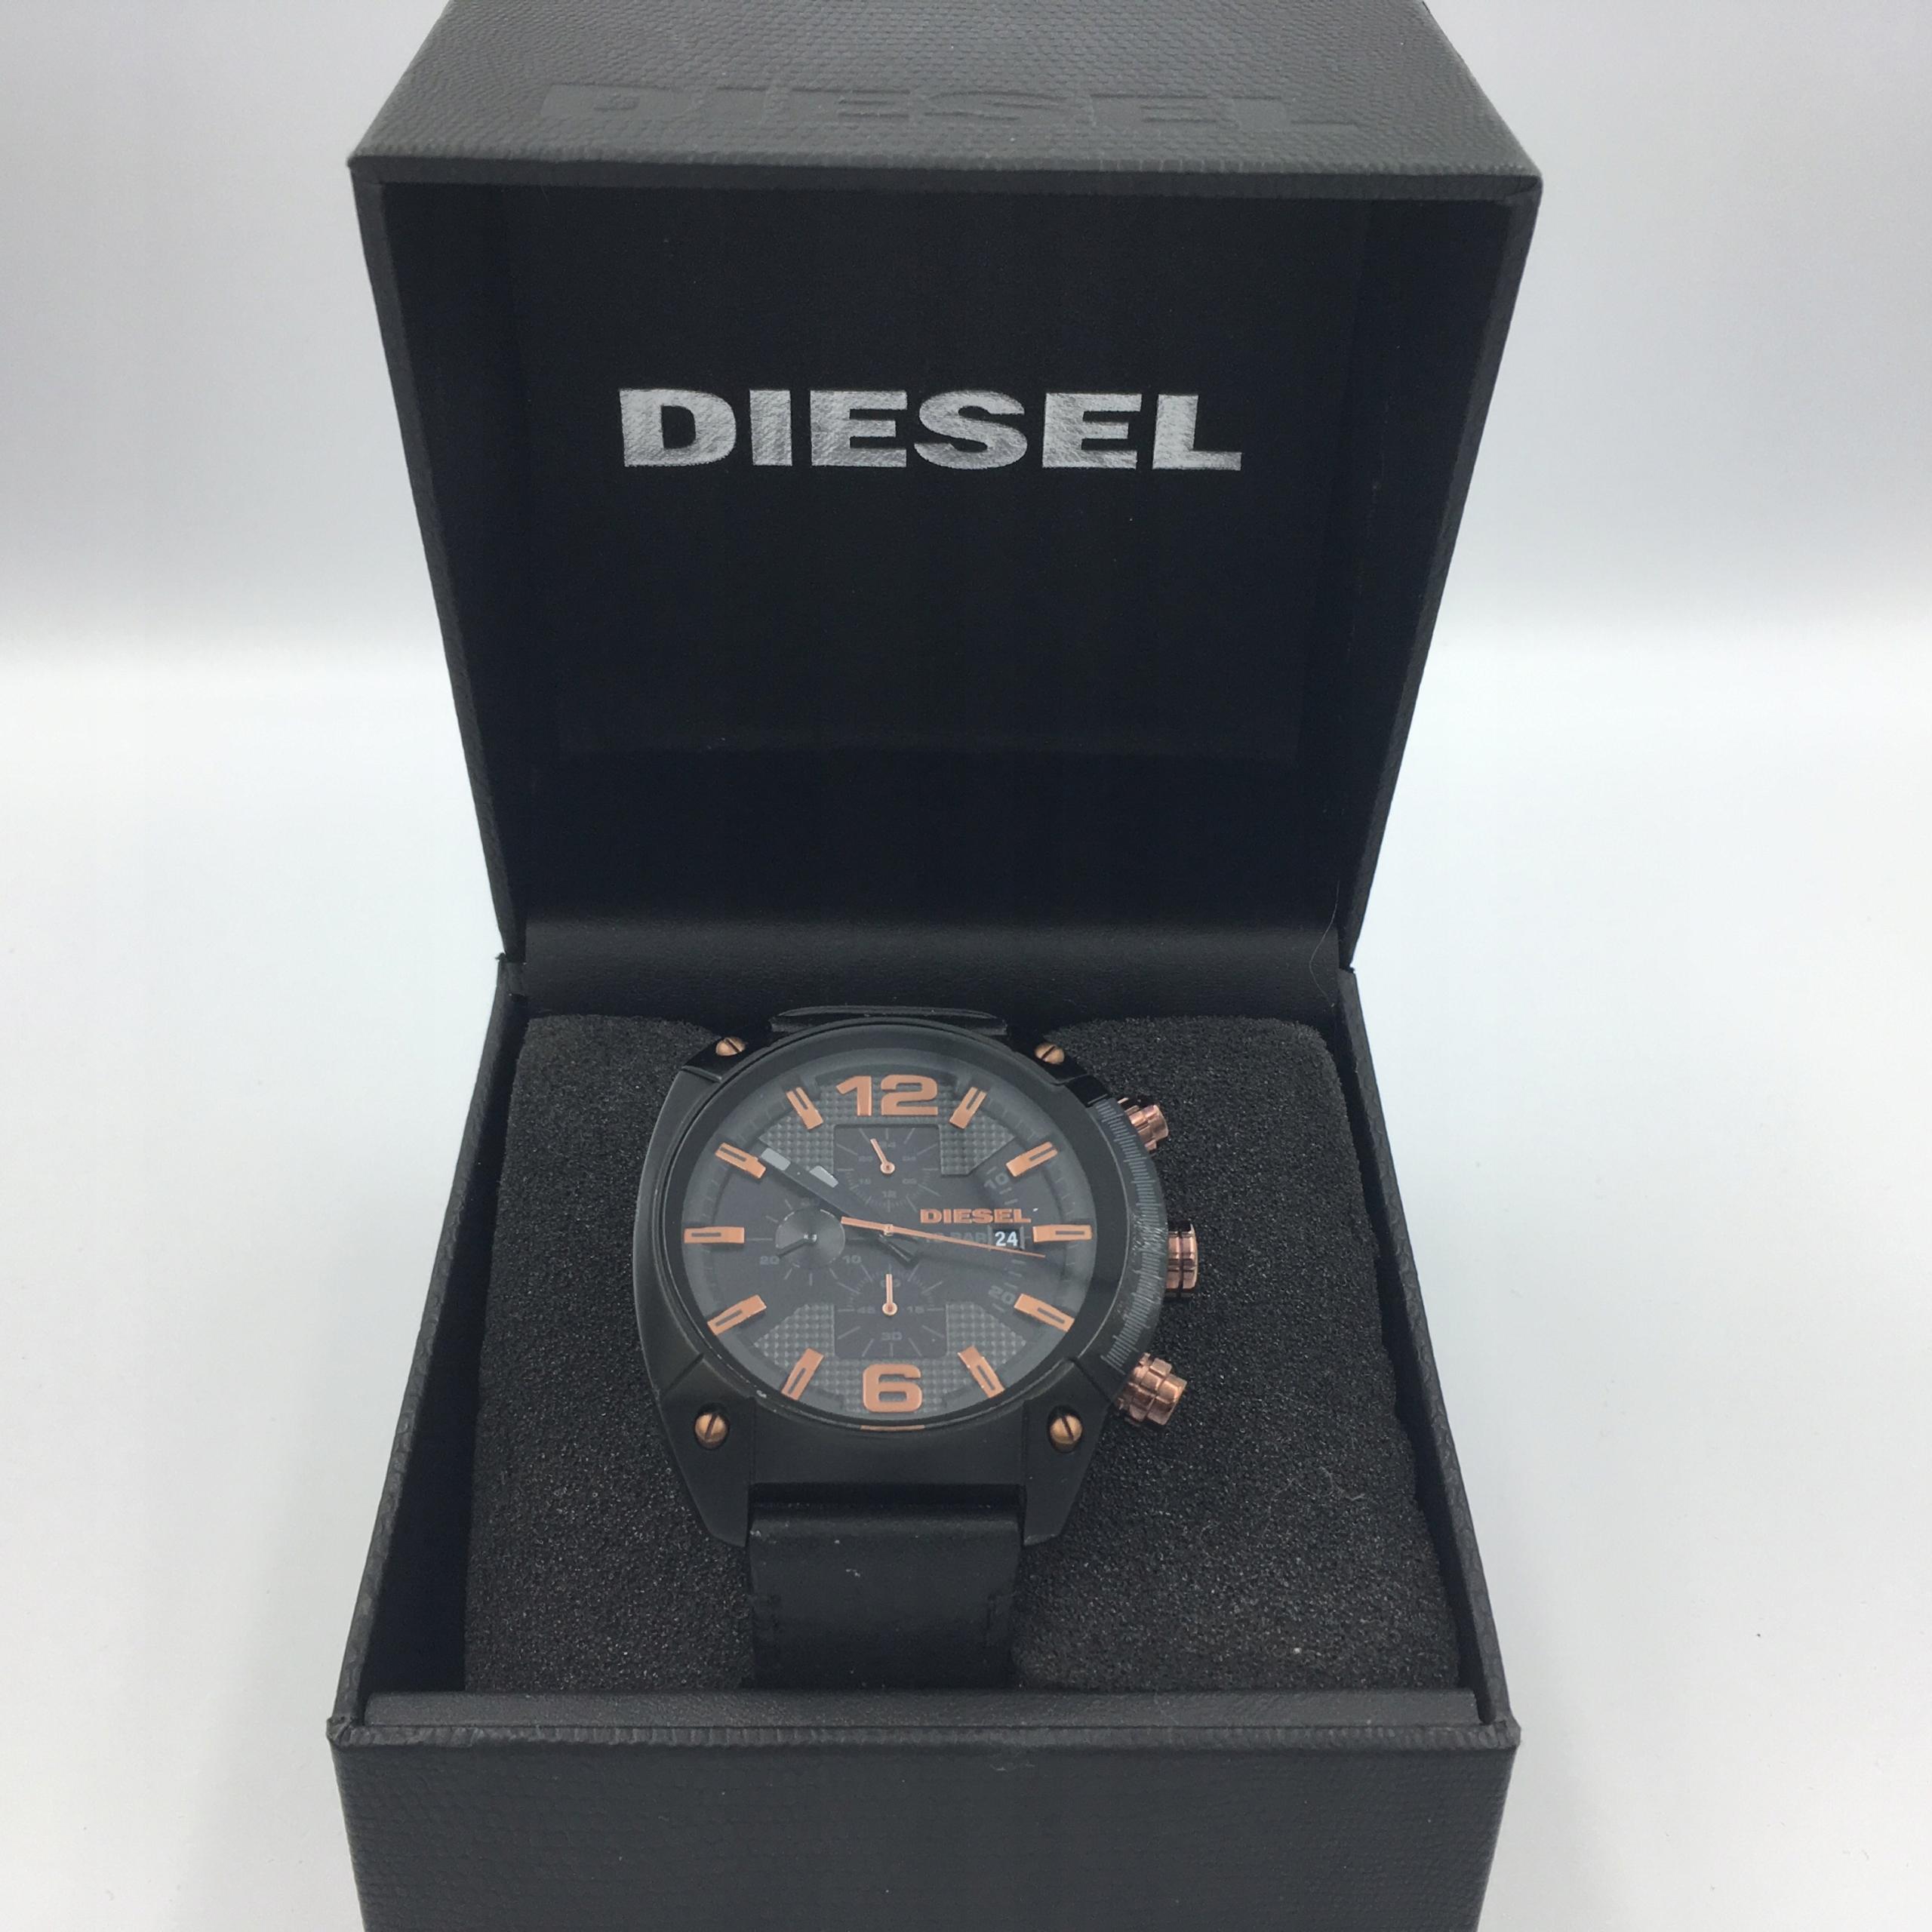 6 Diesel 4462 zegarek oryginał pasek skóra okazja